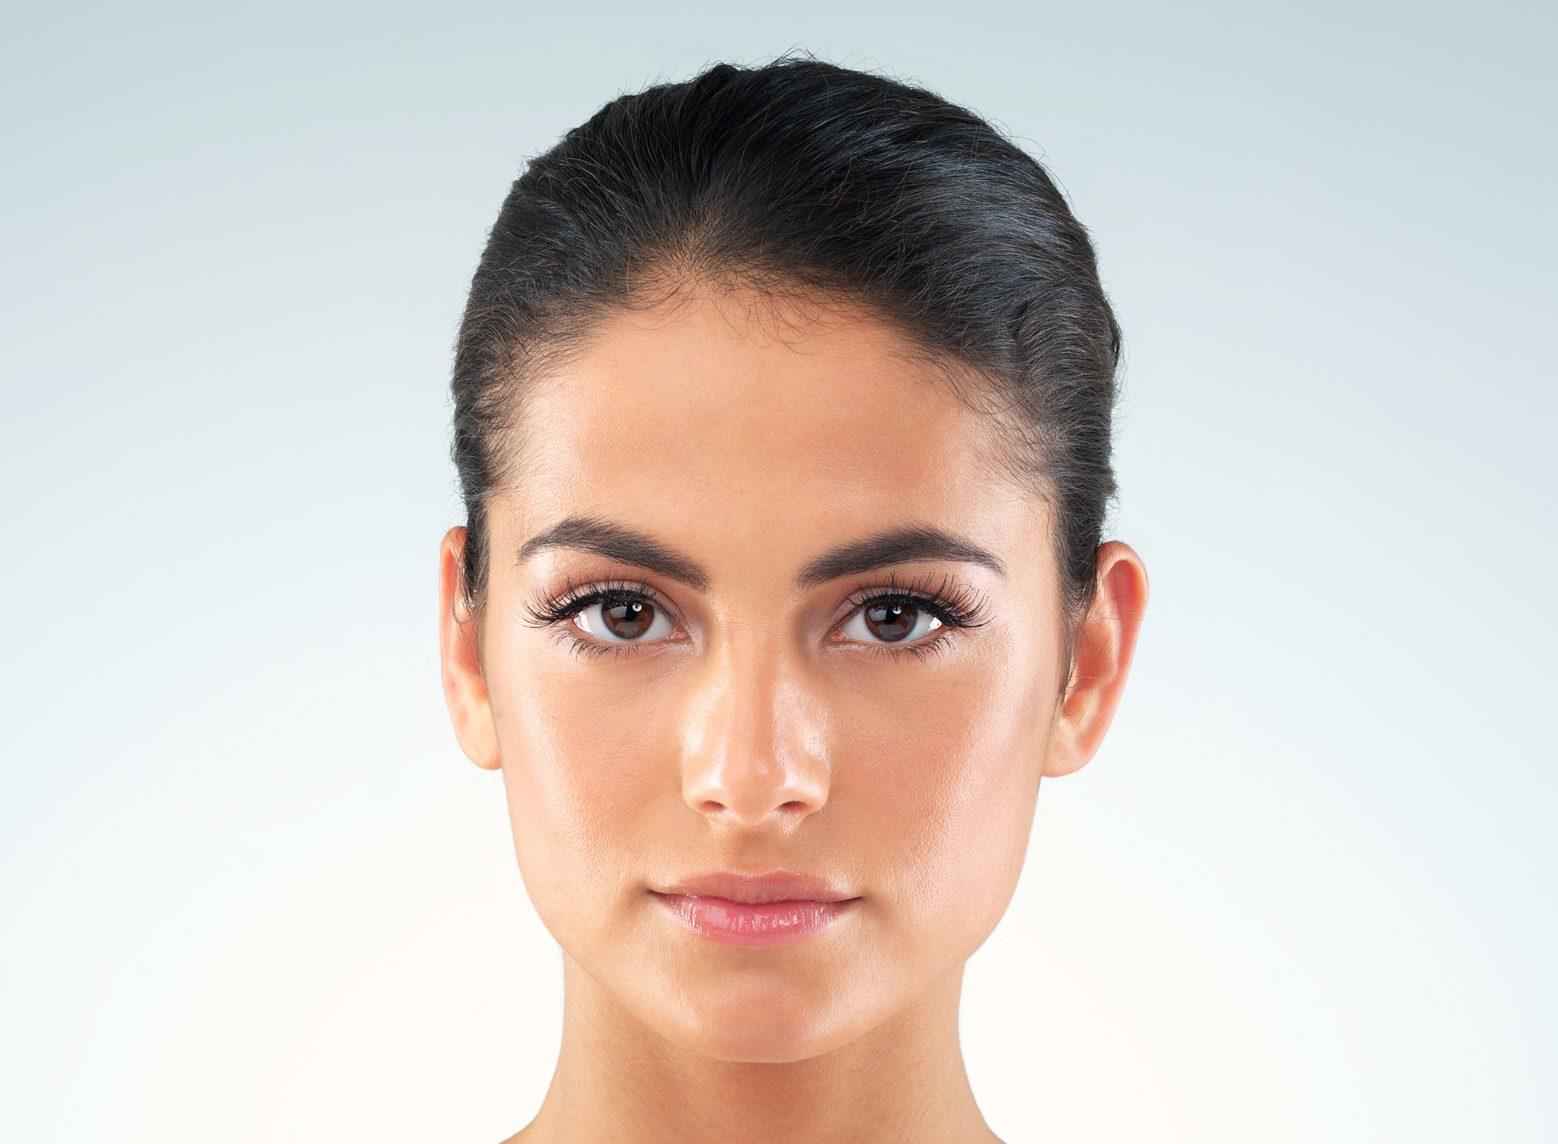 Resultaat restylane skinbooster behandeling